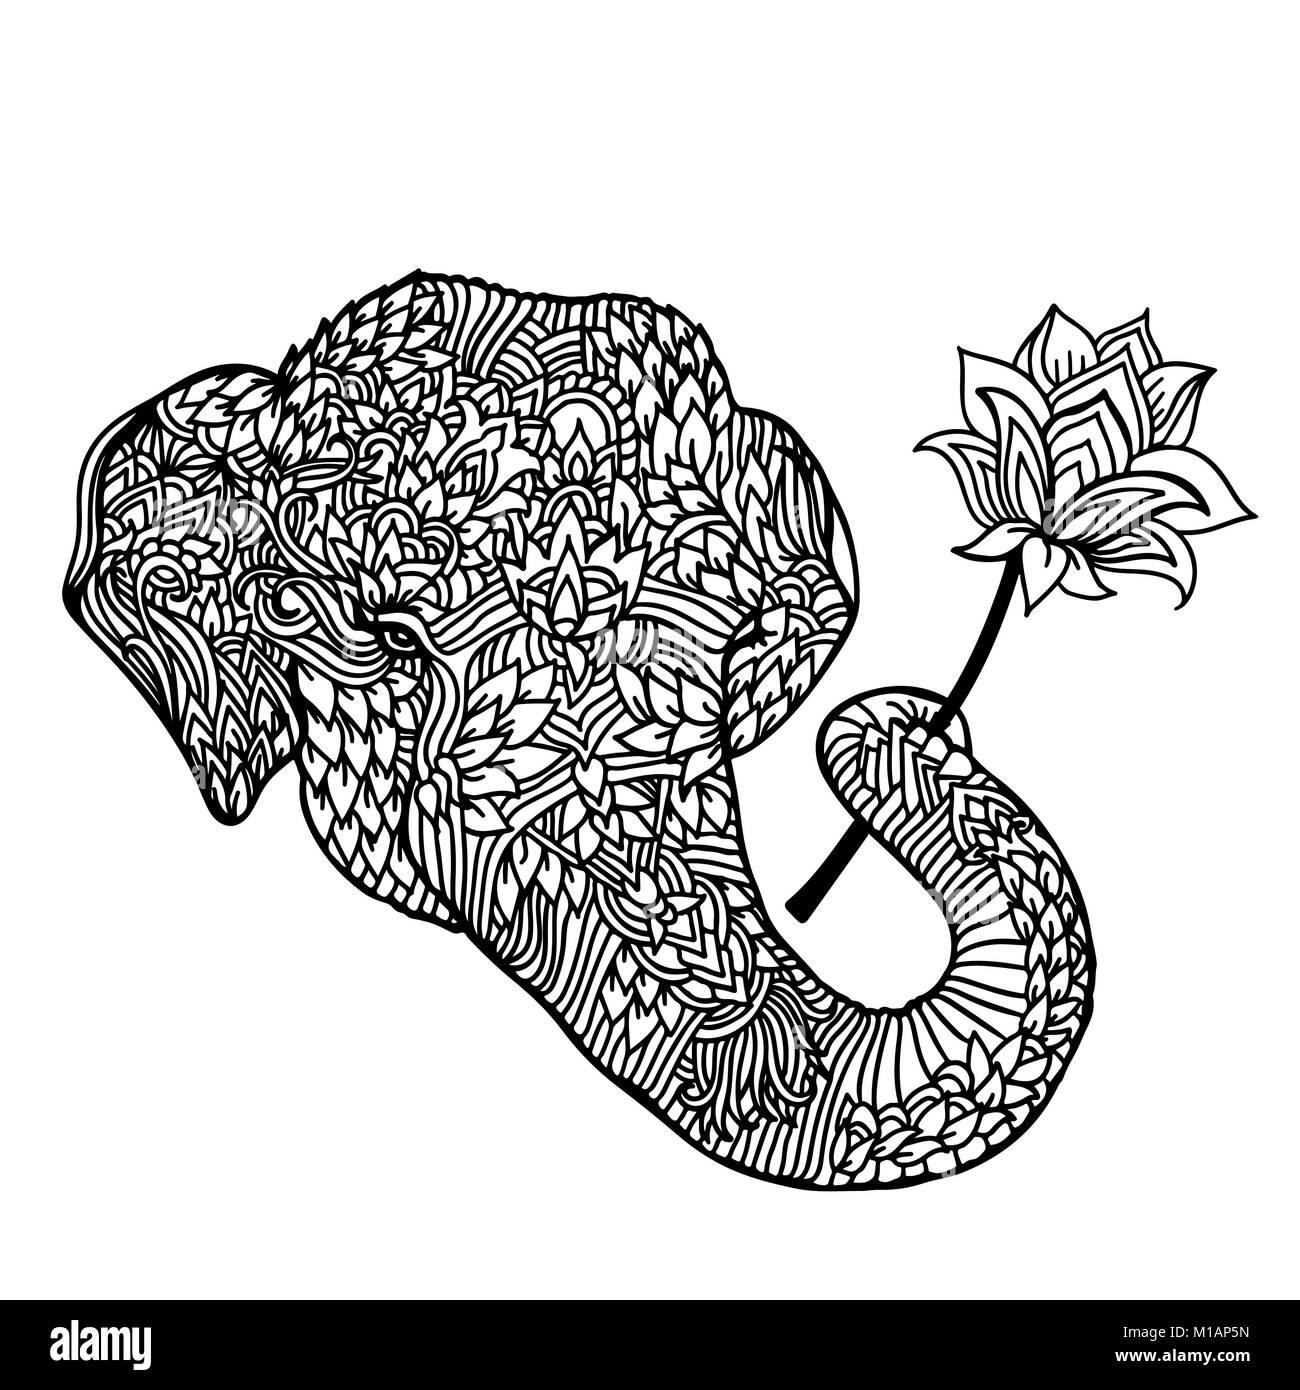 Ritratto Di Un Elefante Con Un Fiore Di Loto In Stile Asiatico